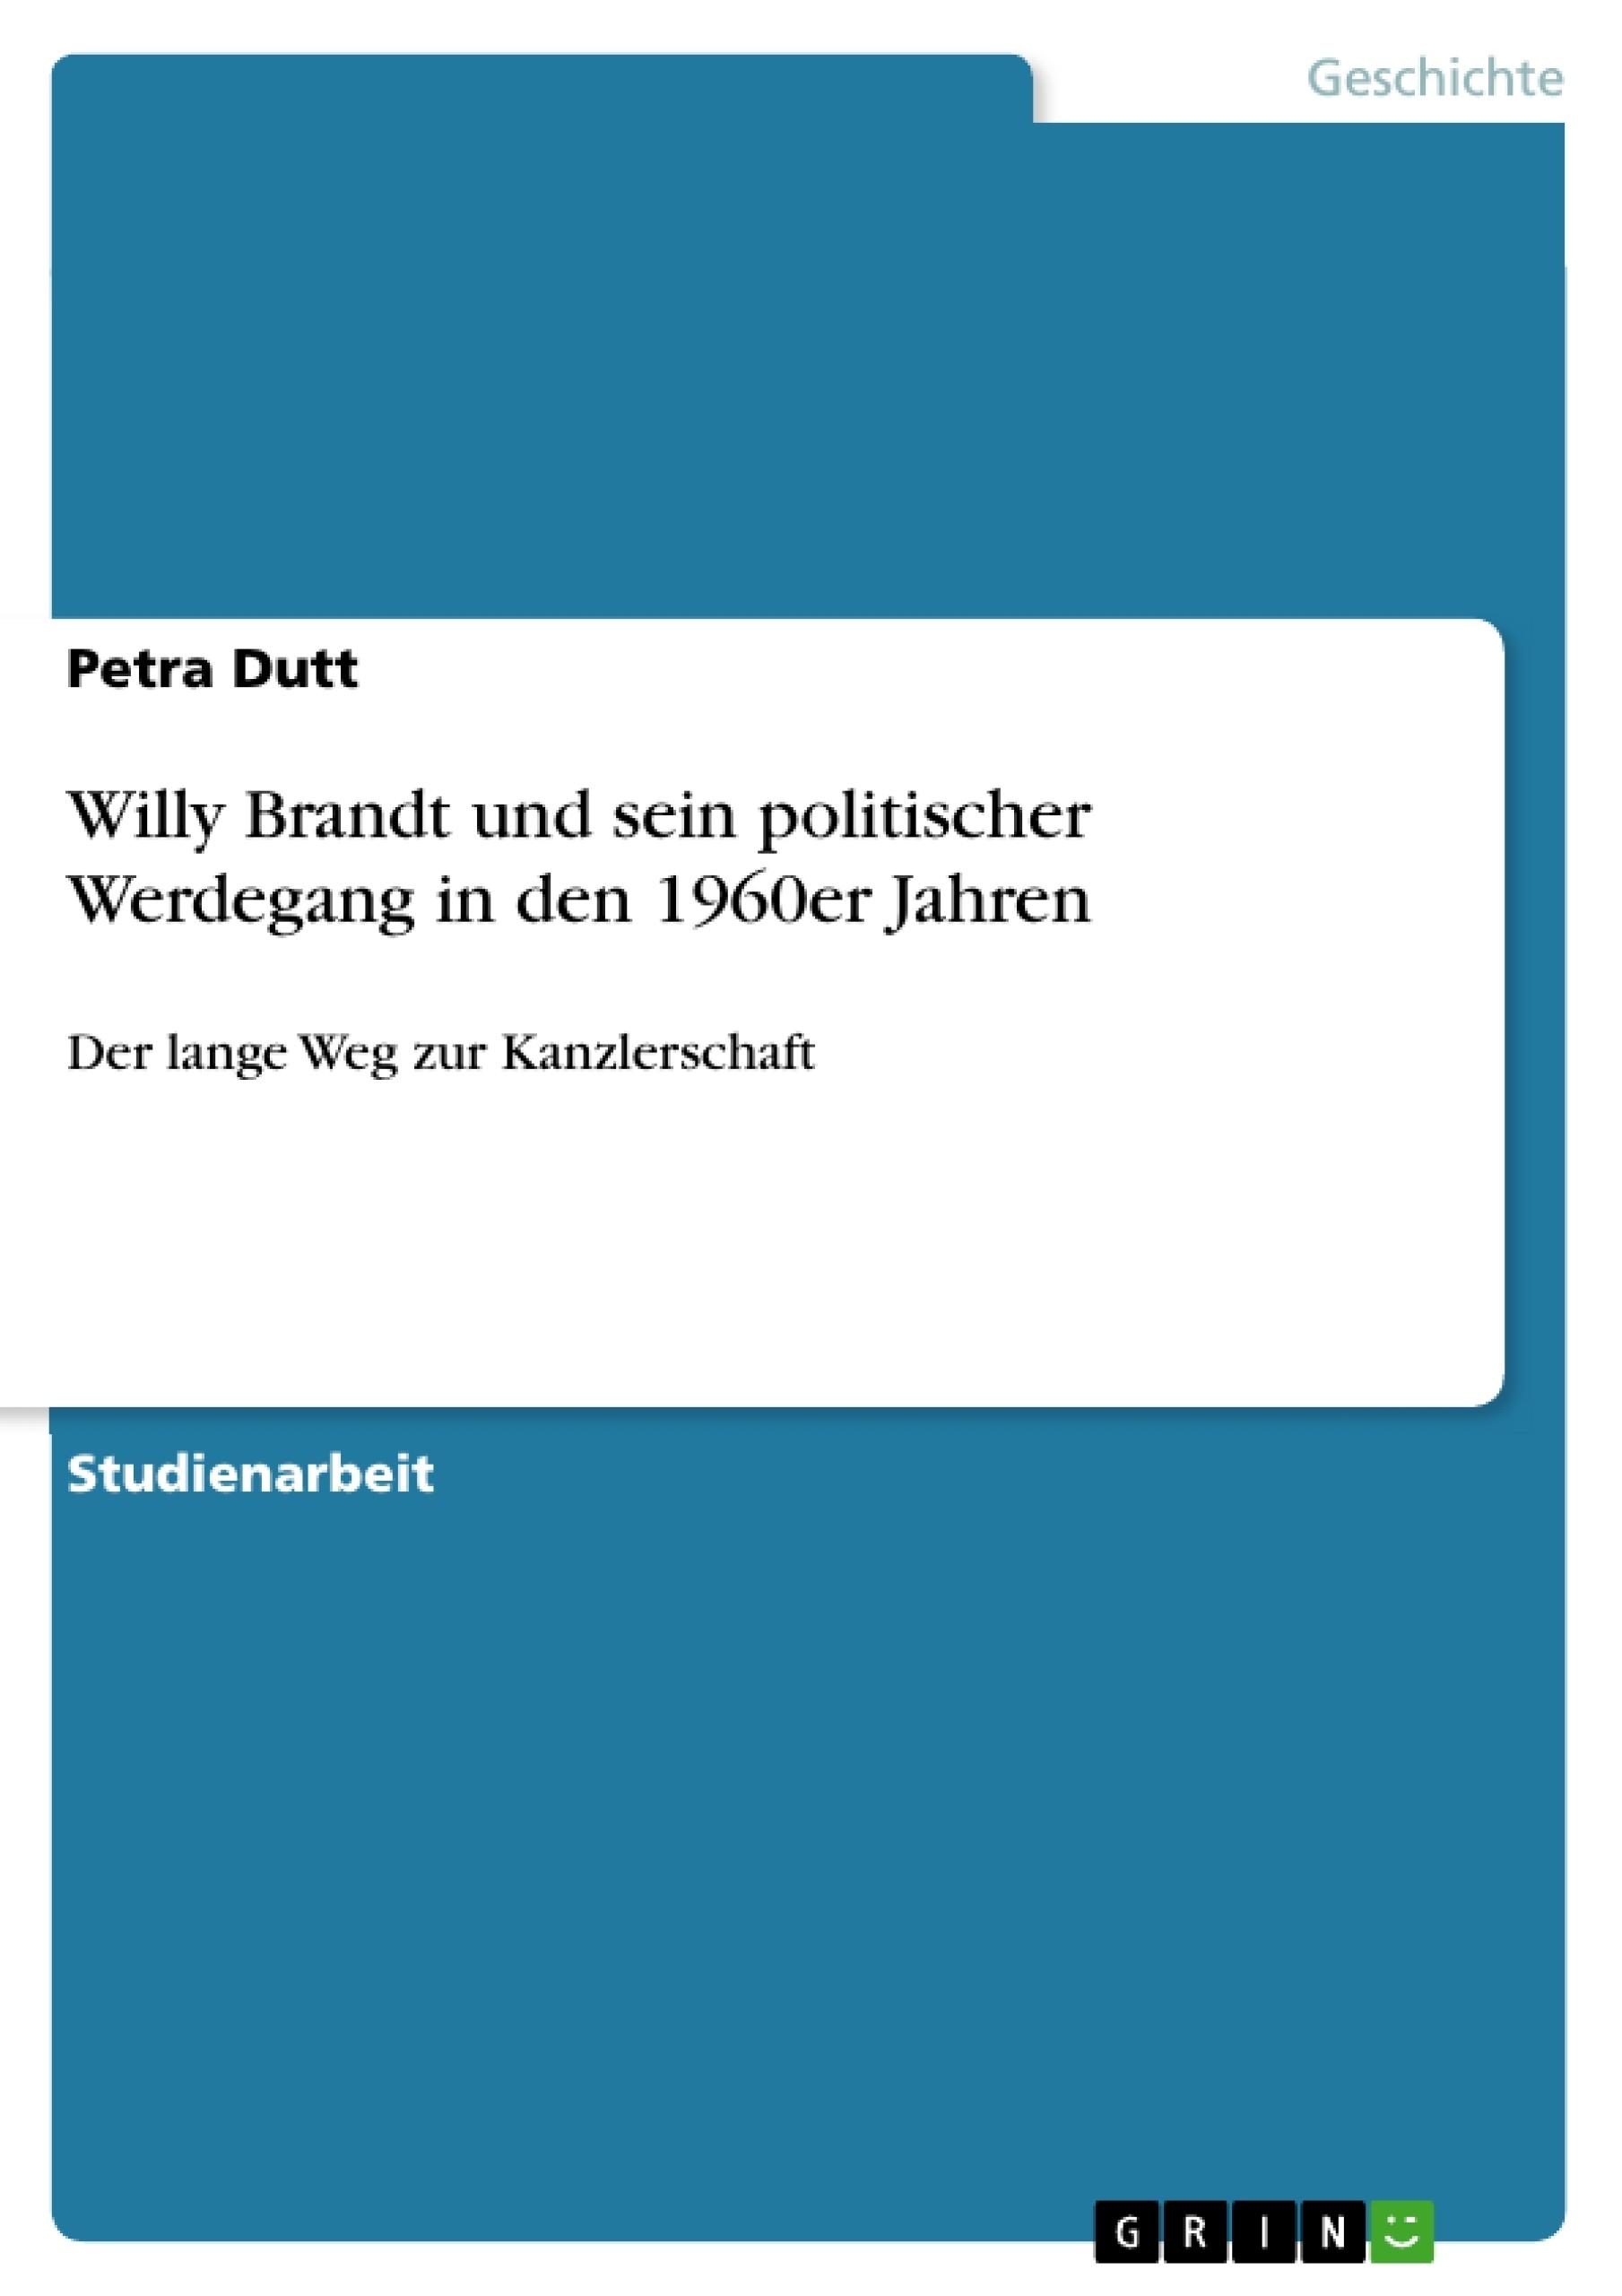 Titel: Willy Brandt und sein politischer Werdegang in den 1960er Jahren